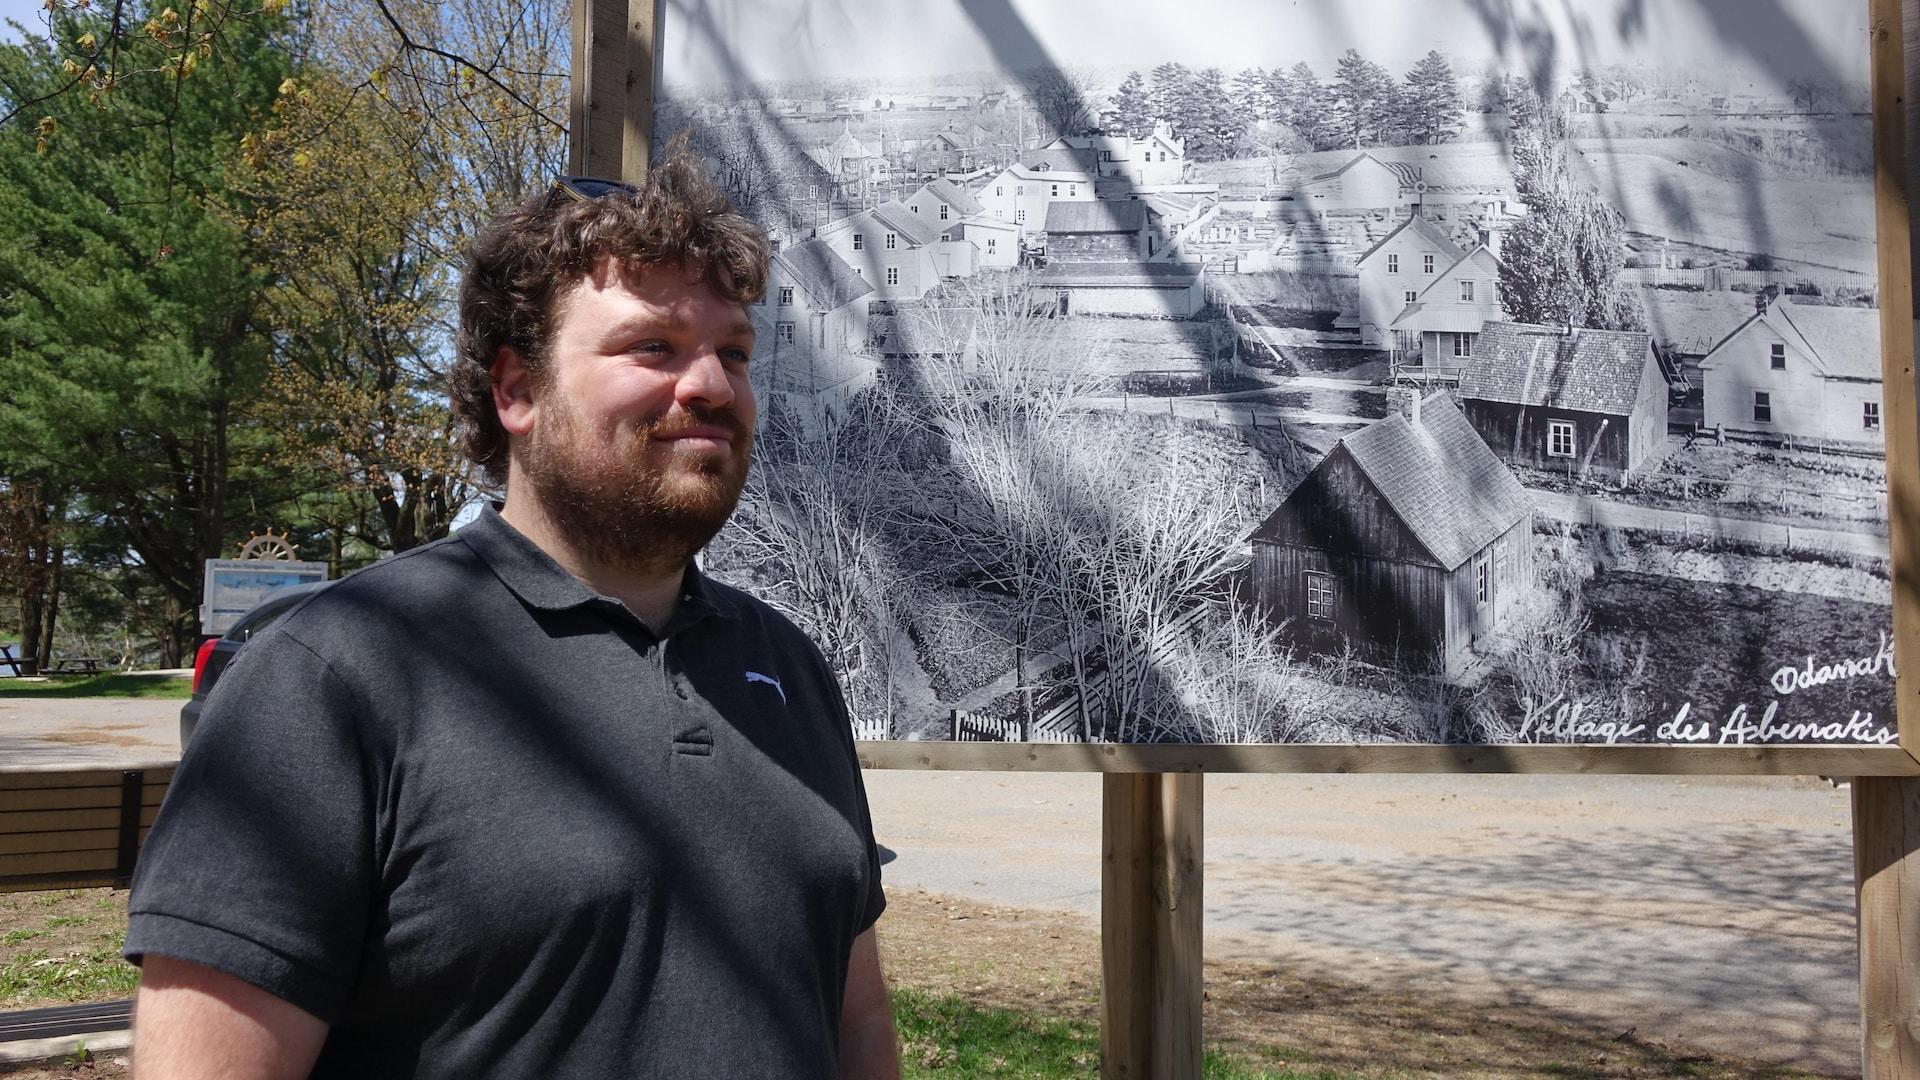 Marc-Olivier devant une image d'archives d'Odanak